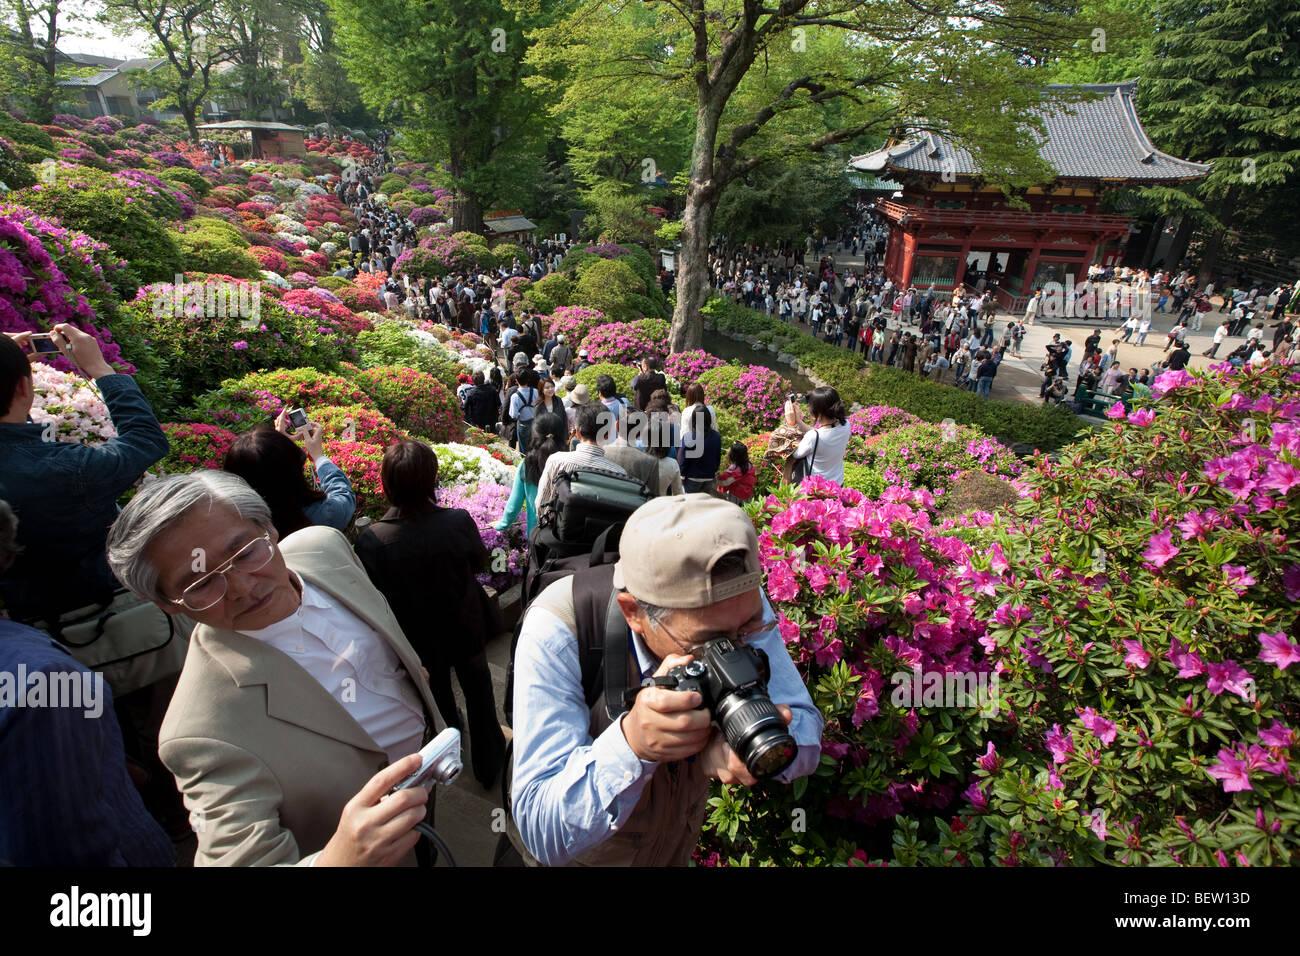 'Tsutsuji' festival, Nezu shrine, Tokyo, Japan. Sunday, April 27th 2008. - Stock Image